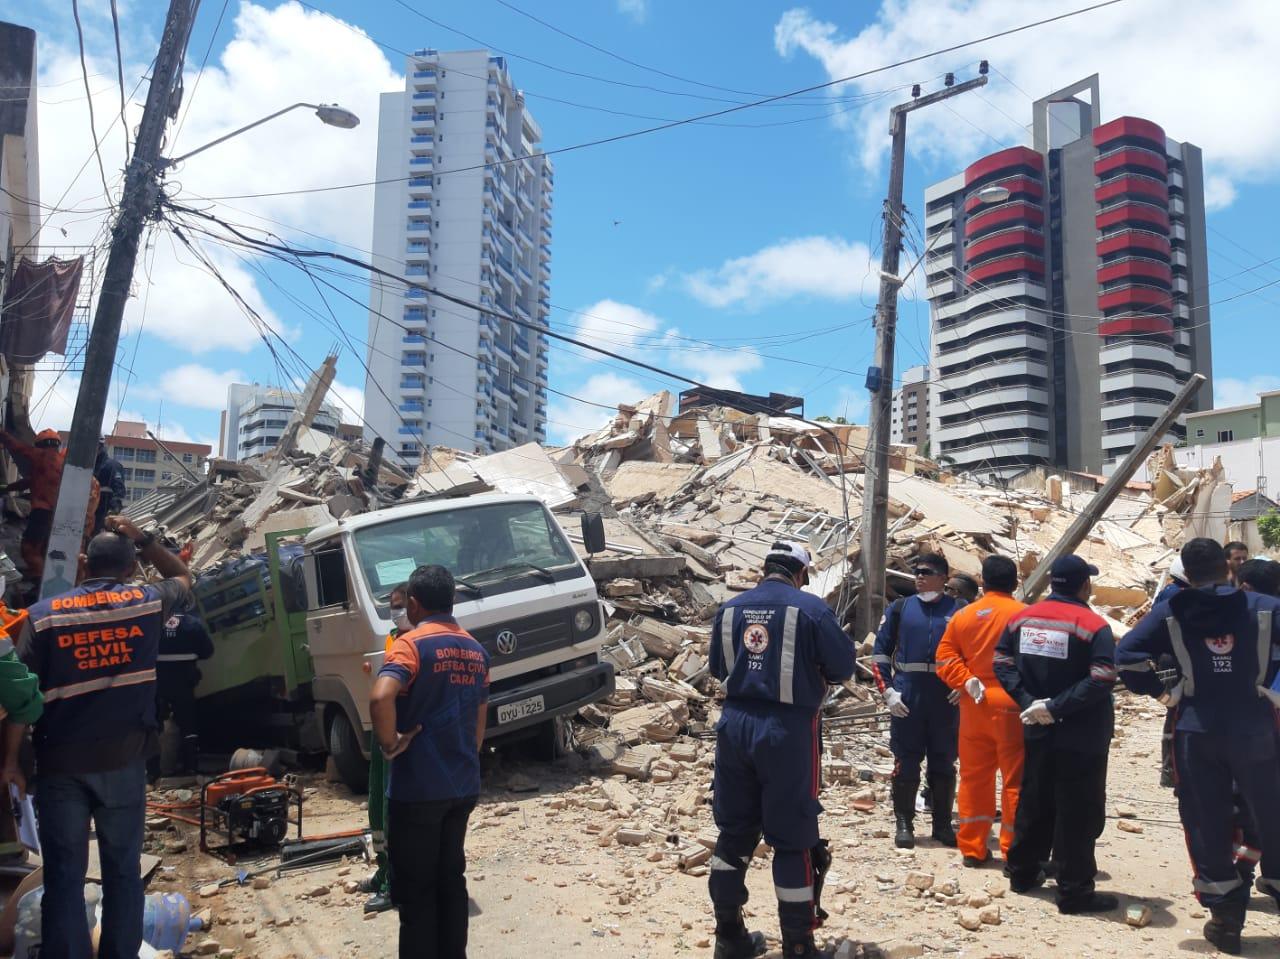 Governador Camilo Santana se manifesta sobre desabamento de prédio em Fortaleza, confira